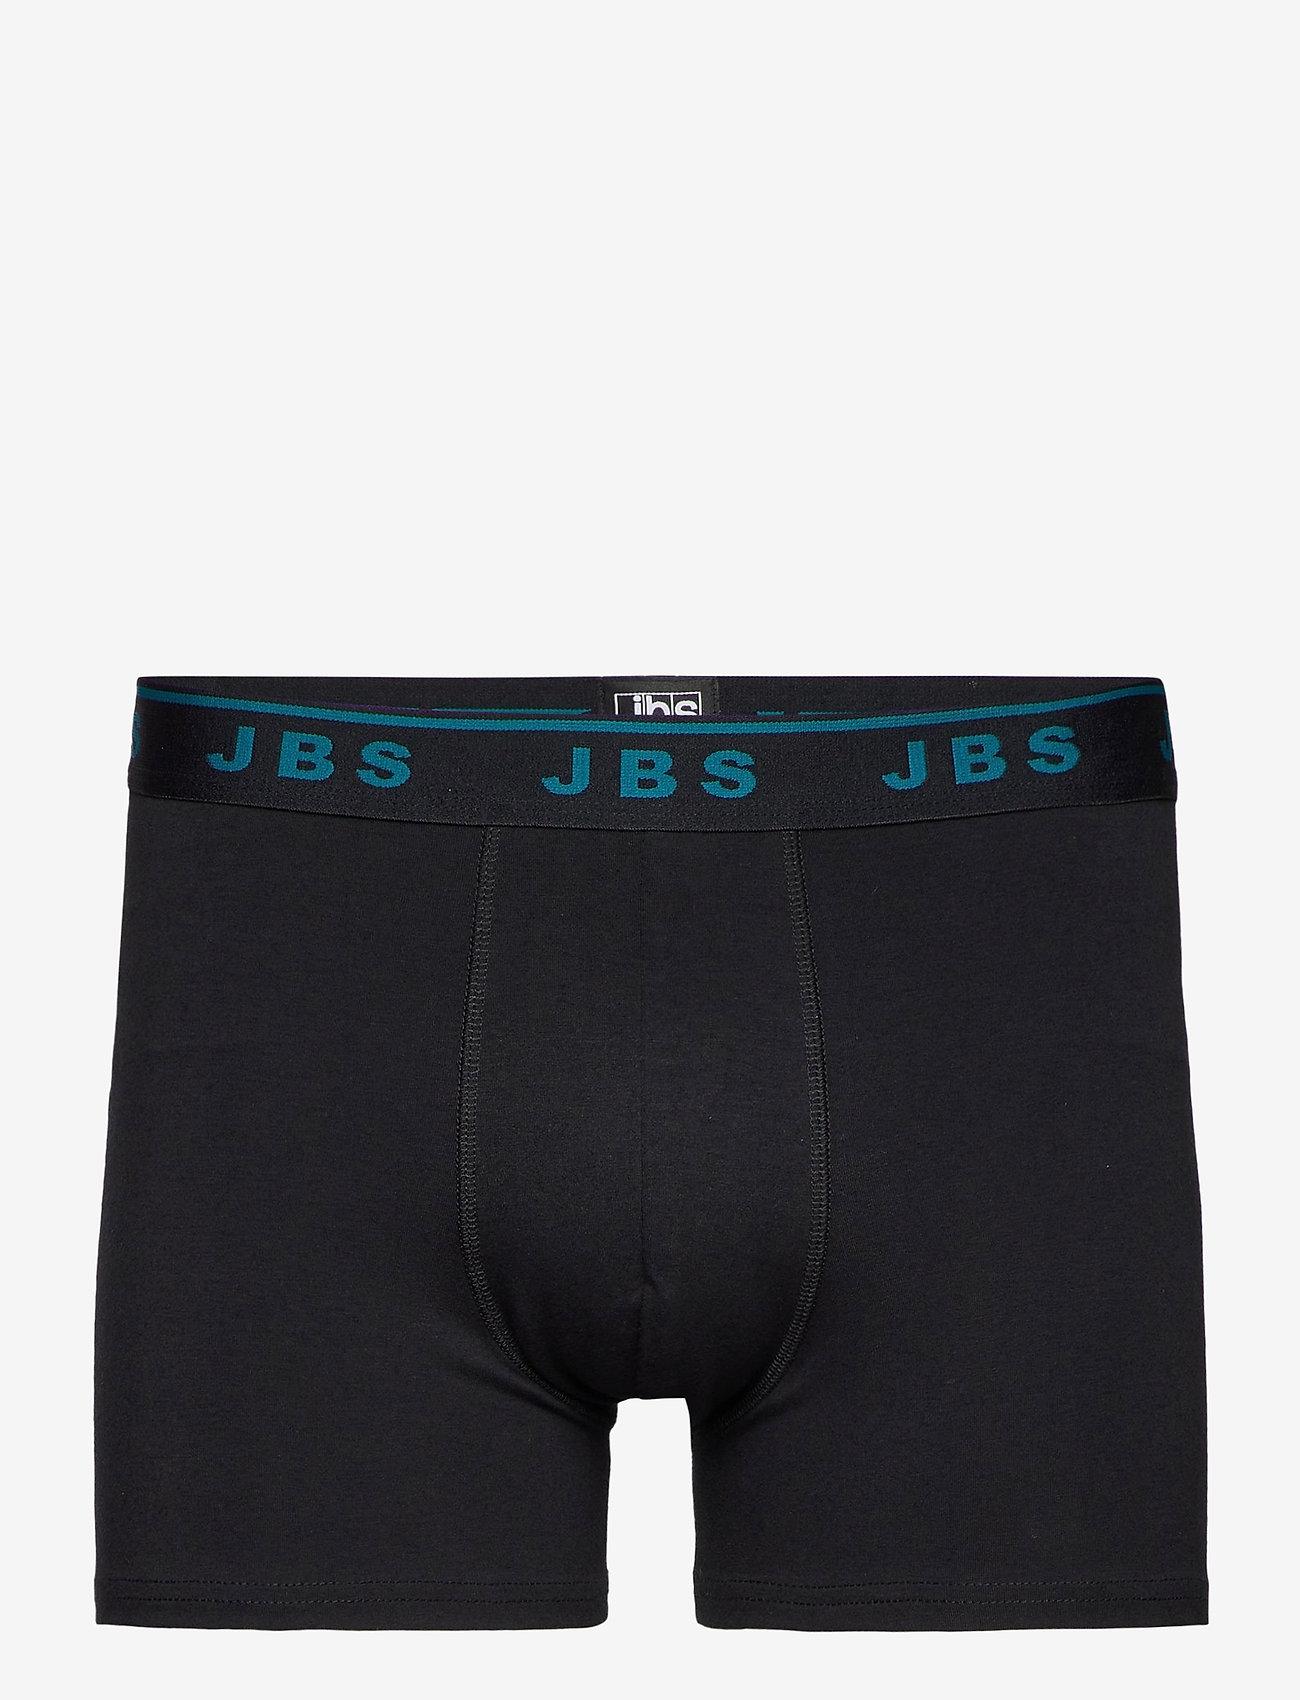 JBS - JBS 6-pack tights, GOTS - bielizna - flerfärgad - 5